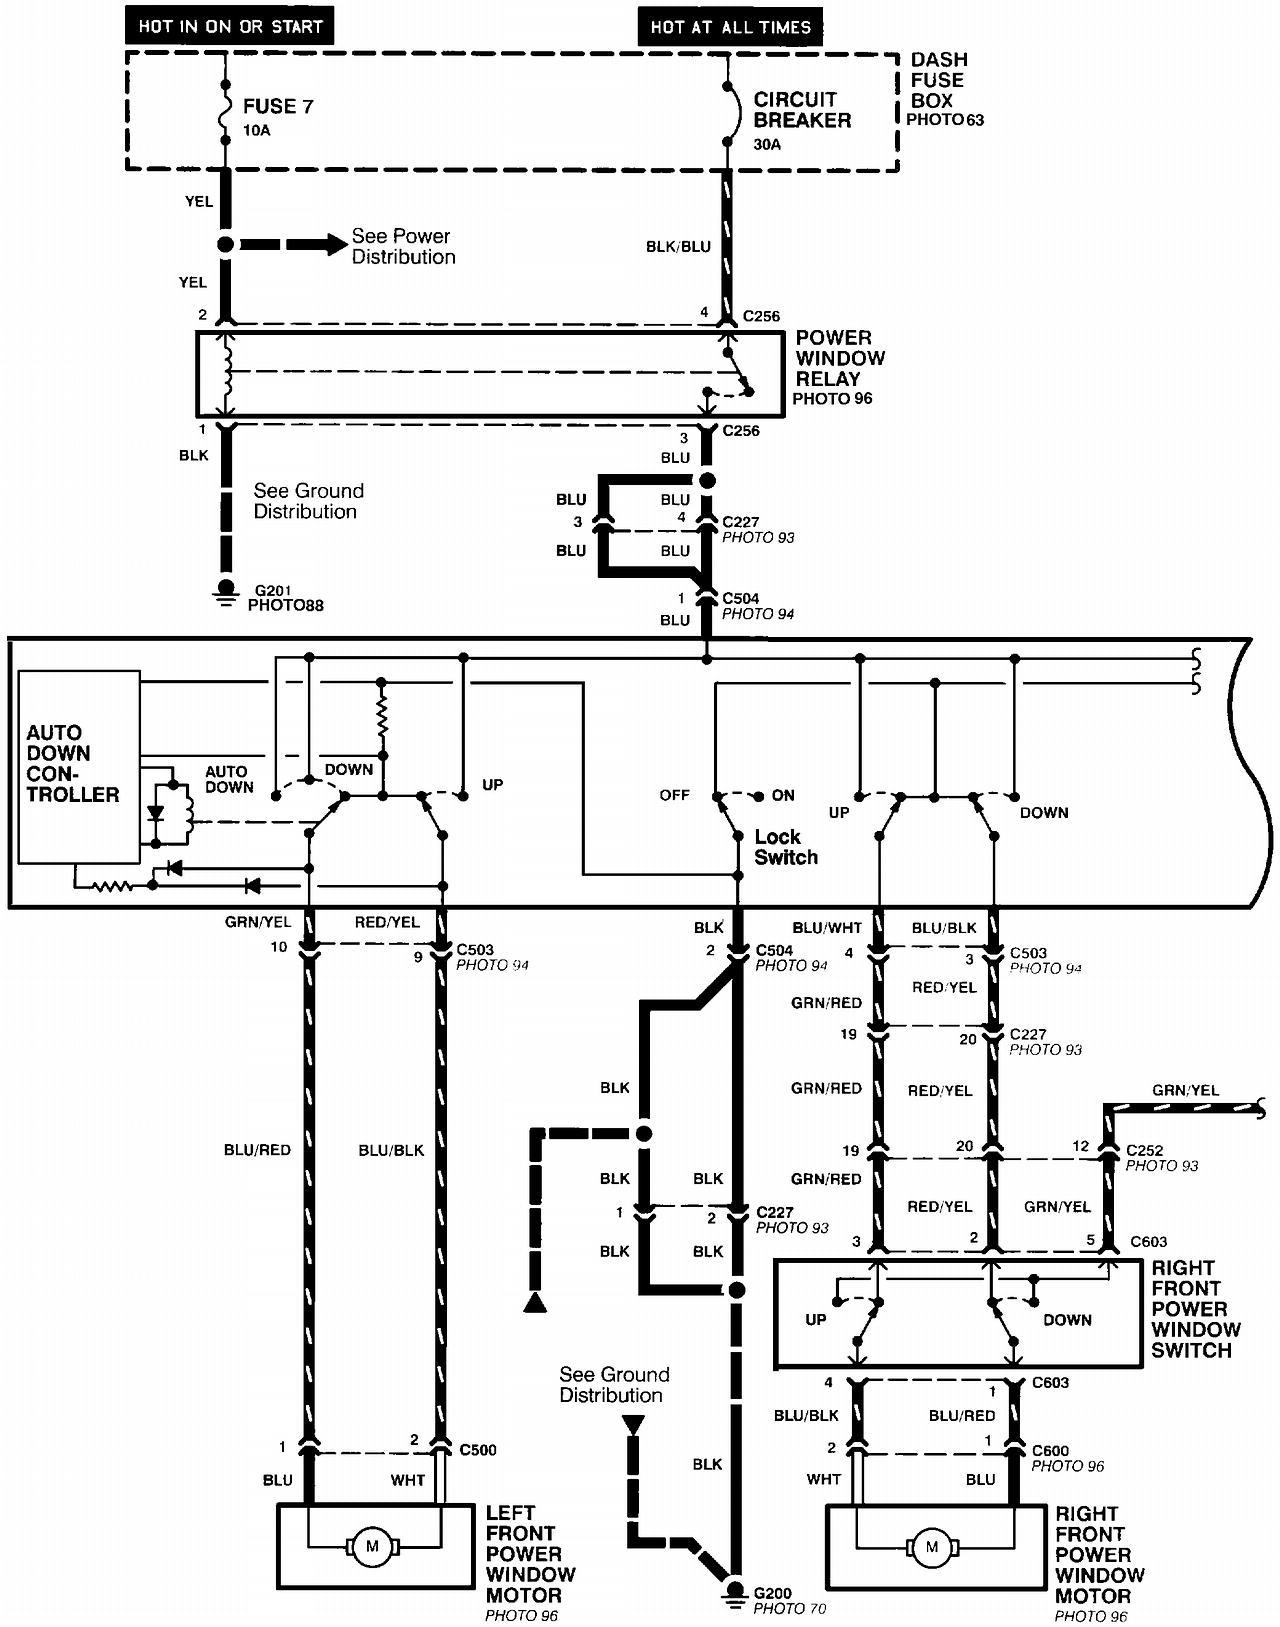 Isuzu Trooper Power Window Wiring Diagram - Wiring Diagram Direct  state-tiger - state-tiger.siciliabeb.itstate-tiger.siciliabeb.it